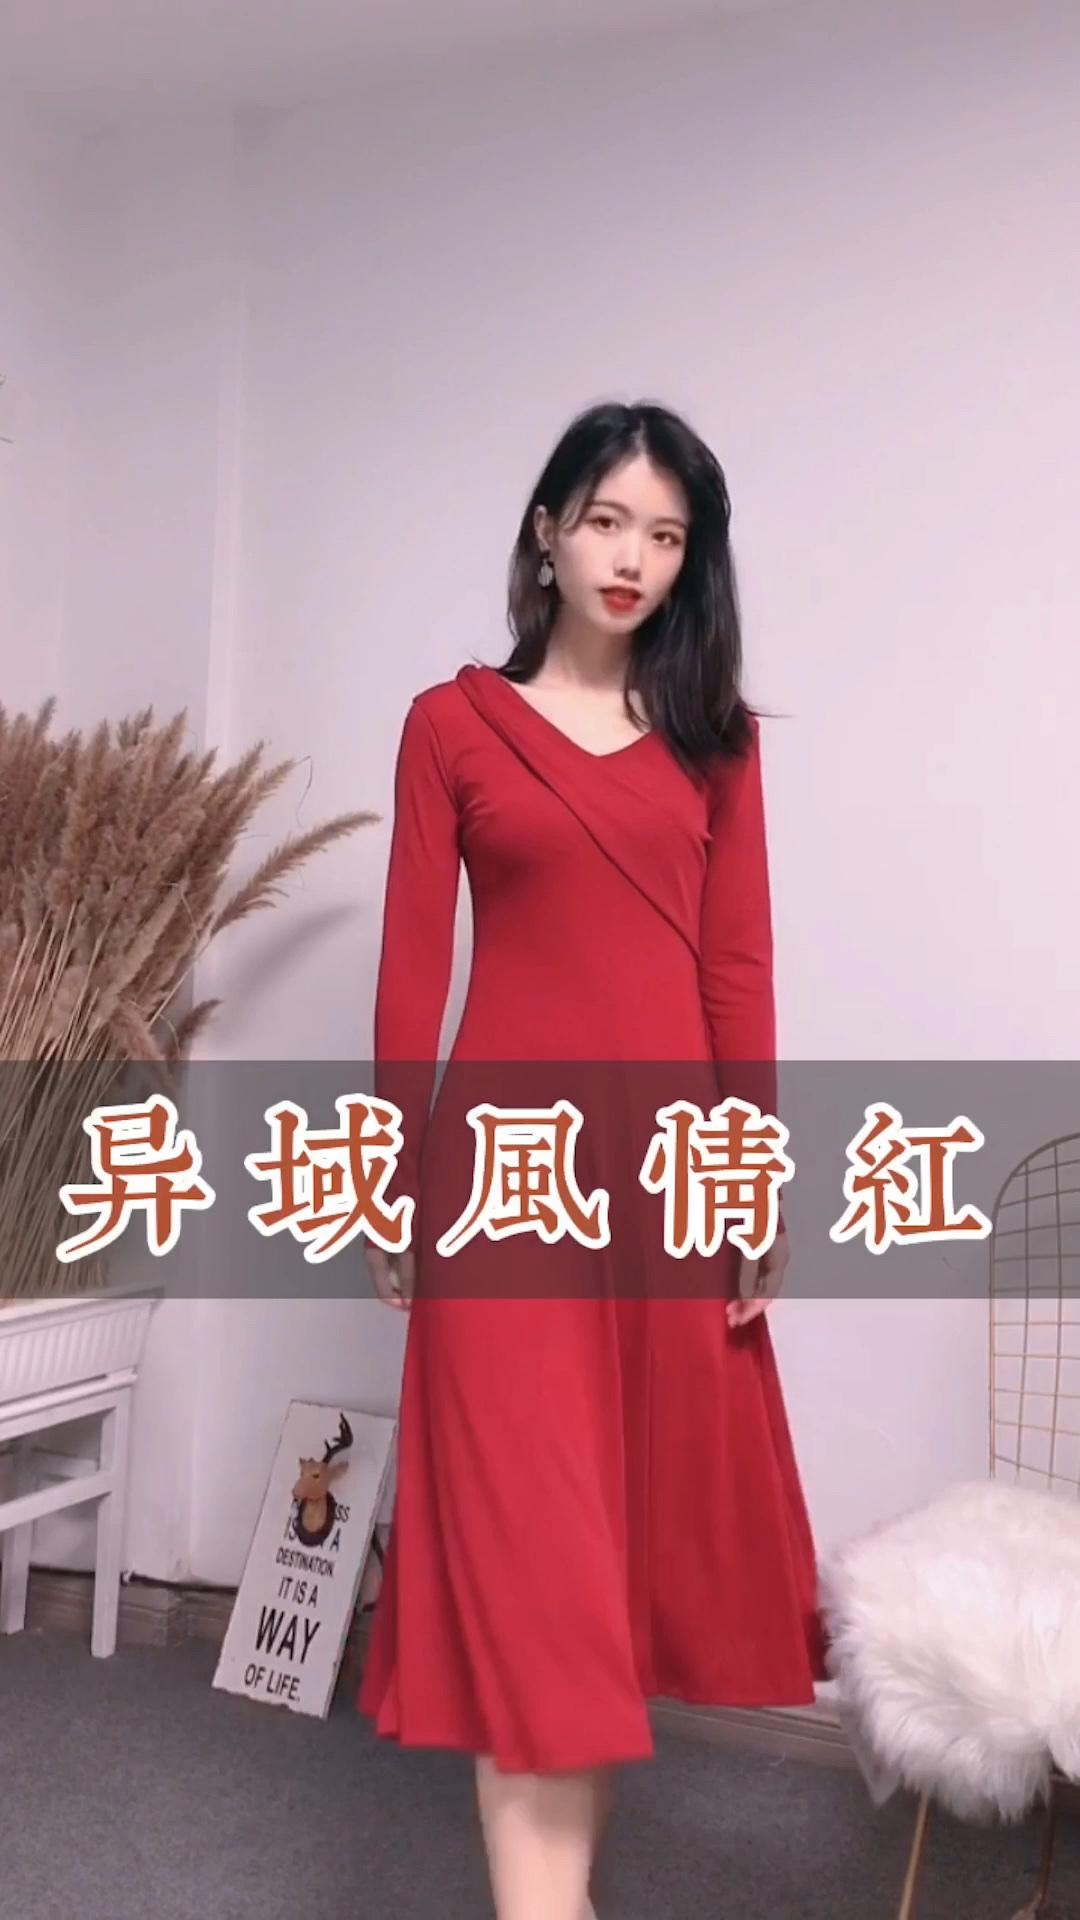 💕港风红裙了解下~ #春季新款开箱记#